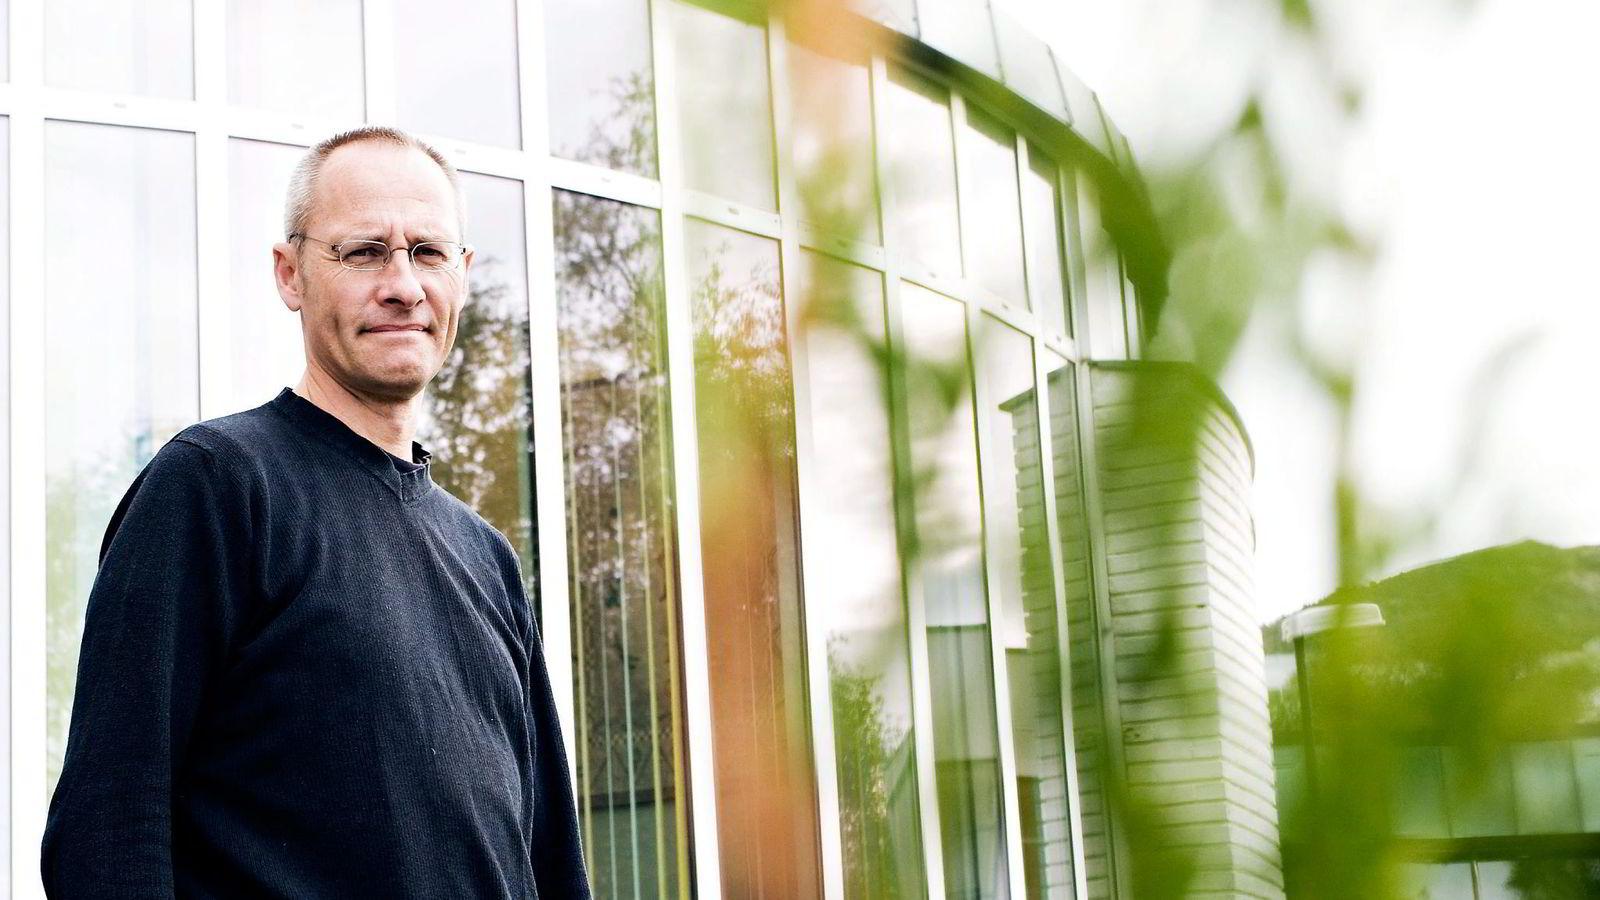 NHH-professor, Guttorm Schjelderup mener overskuddsflytting kan være en metode for å slippe unna skatt hos konsulentselskapene. Han tror lavere selskapsskatt vil redusere problemet. Foto: